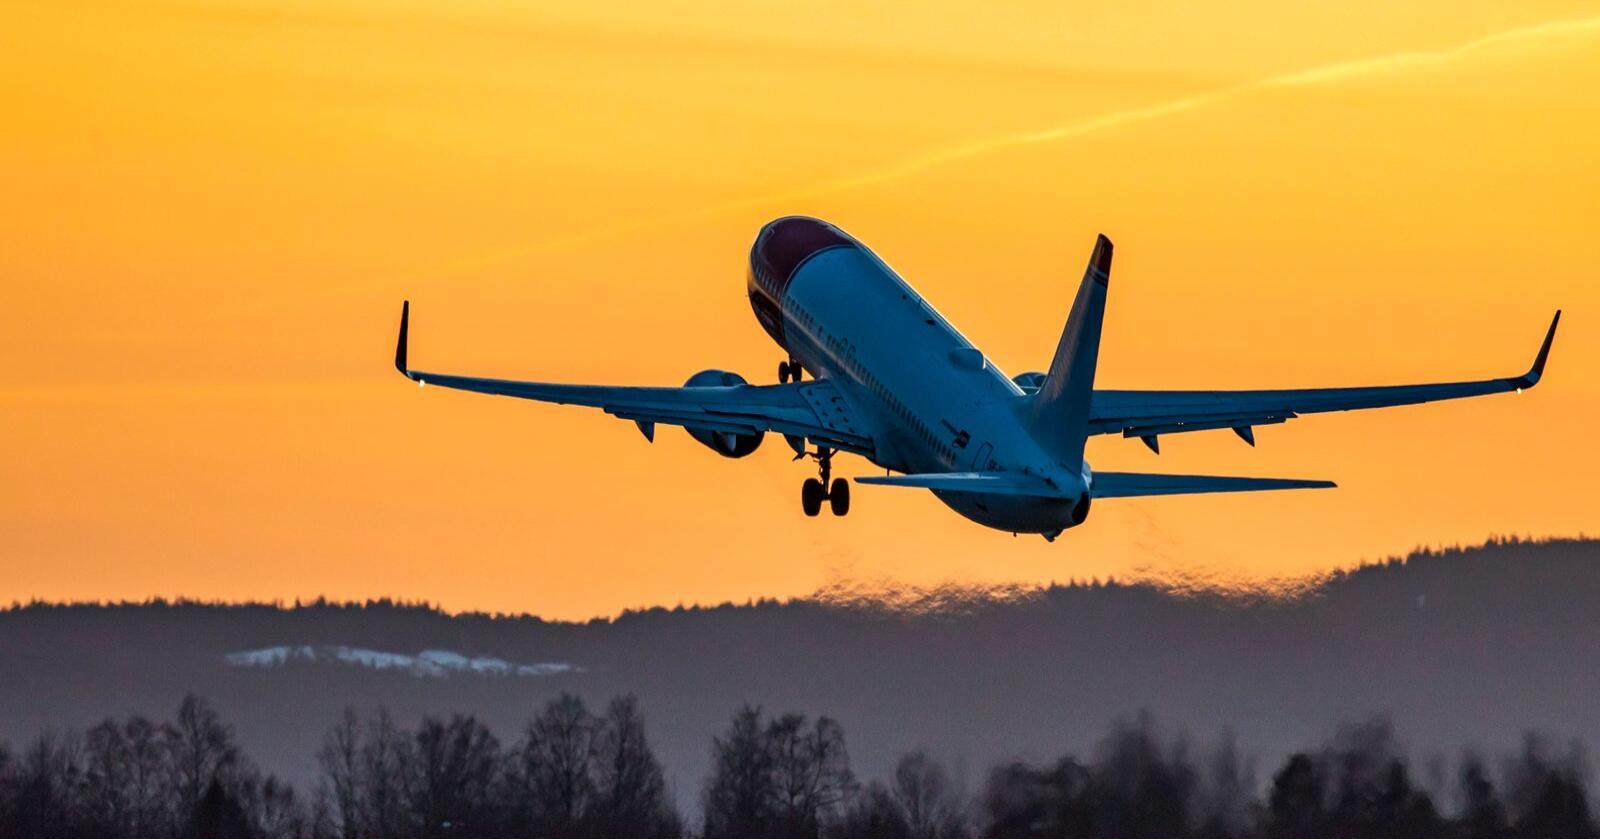 – Dette er det høyeste antallet utenlands feriereiser på mange år, og man må tilbake til 2013 for å finne tall på tilsvarende nivå, skriver SSB. Foto: Håkon Mosvold Larsen / NTB scanpix